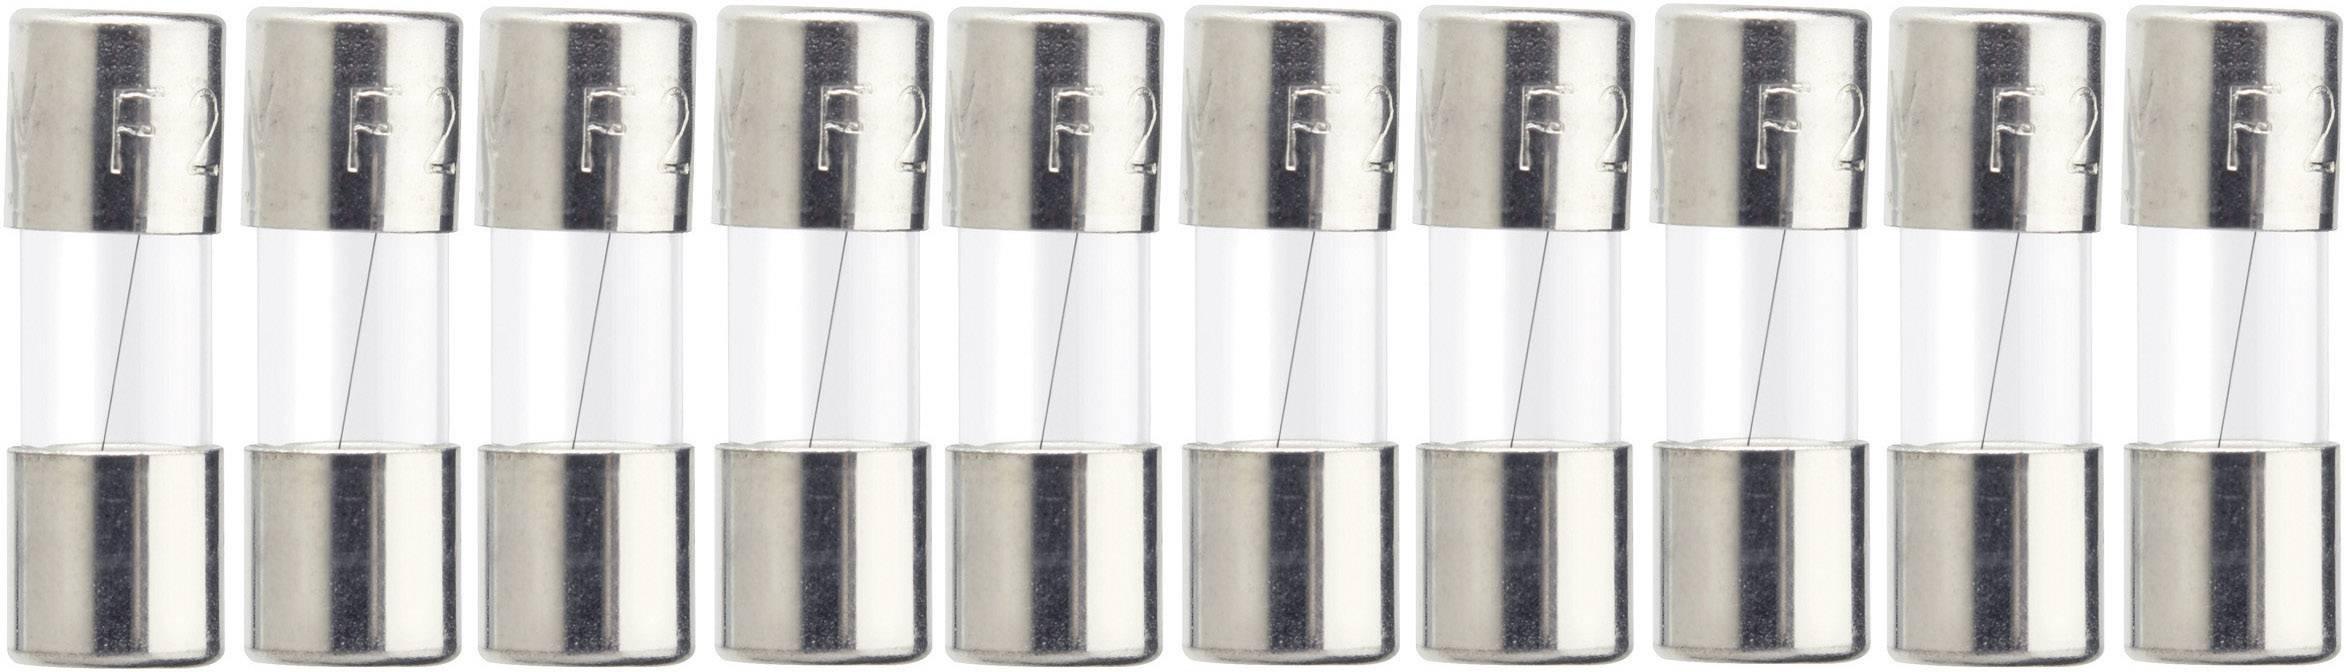 Jemná poistka ESKA 515614, 0.5 A, 250 V, (Ø x d) 5 mm x 15 mm, rýchly -F-, 10 ks